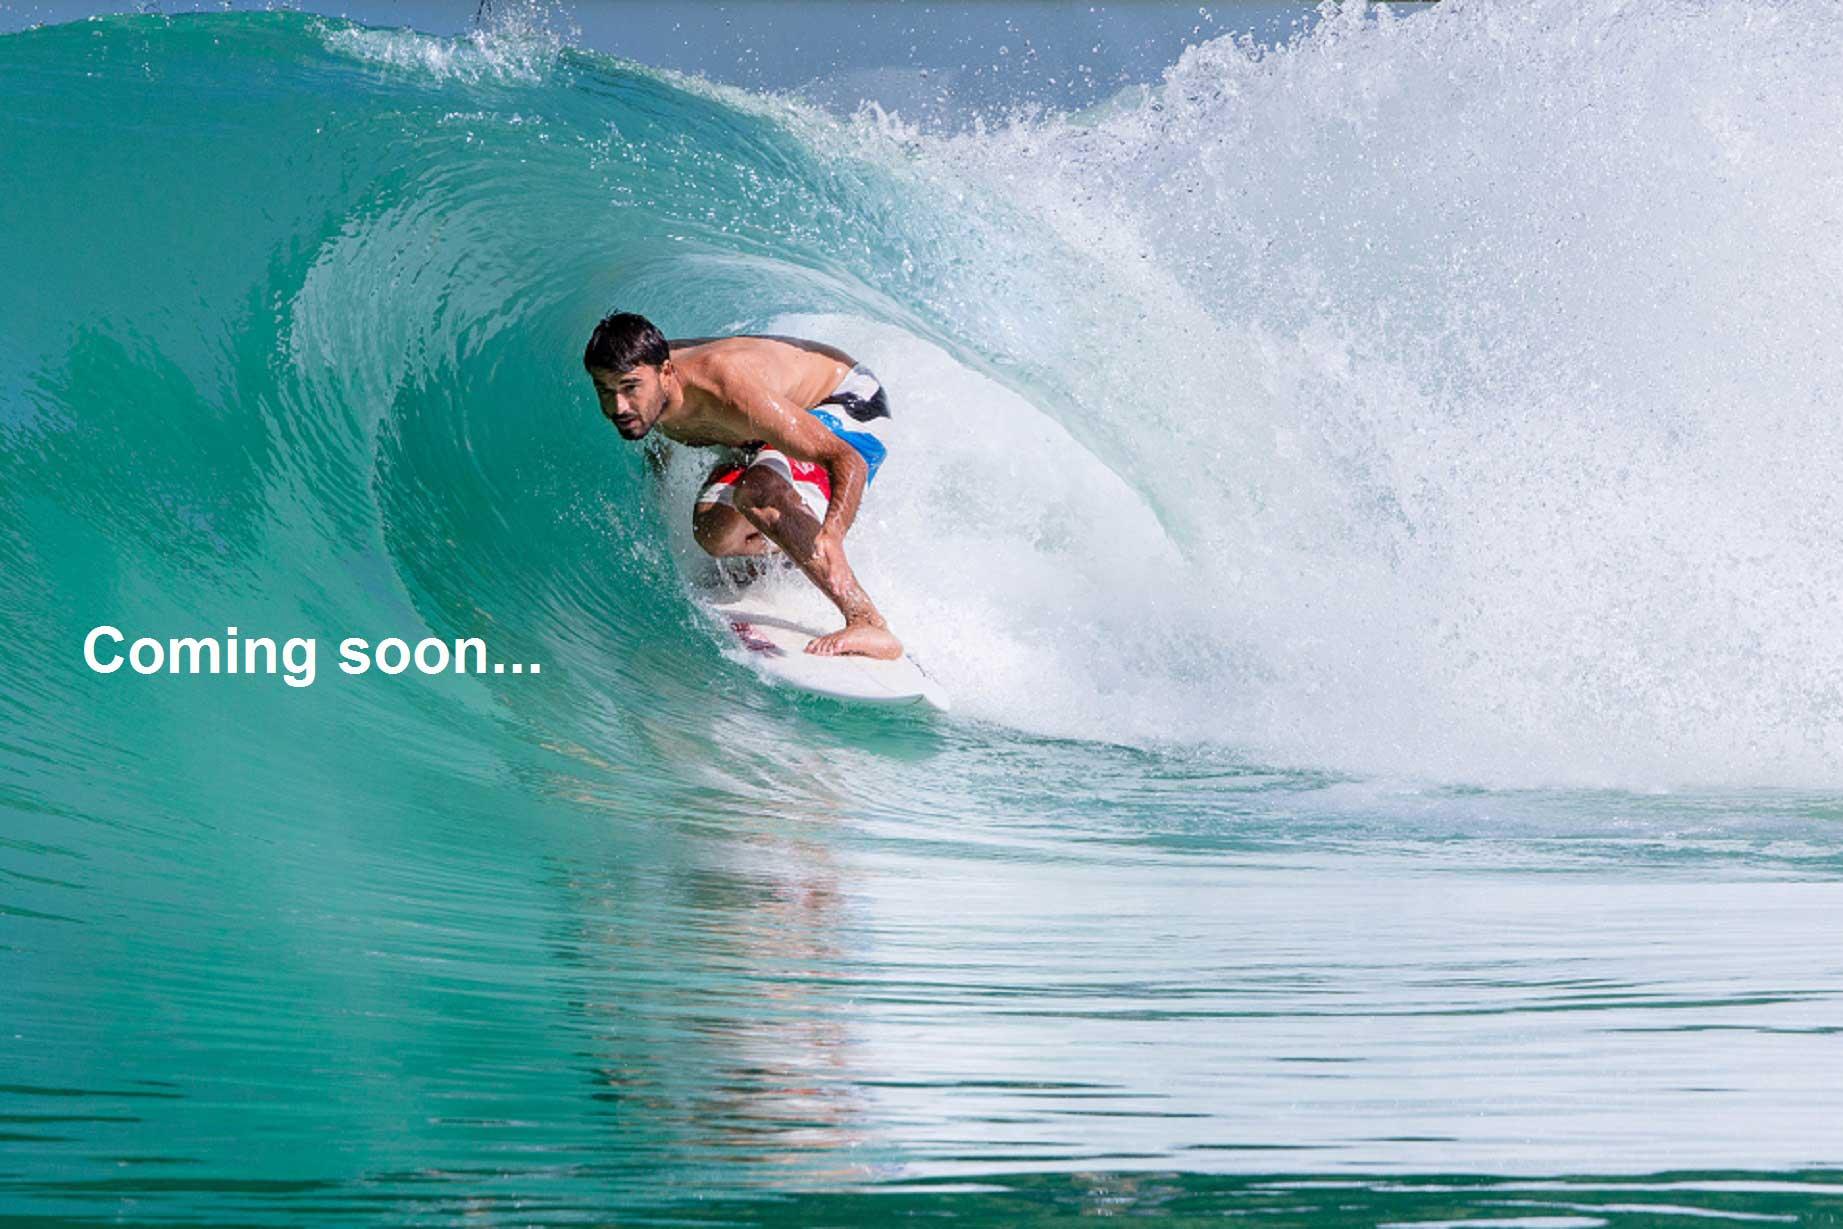 Das erste Foto aus dem neuen Wavepool der Wavegarden-Jungs. Schlapp wird diese Welle wohl wirklich niemand nennen.